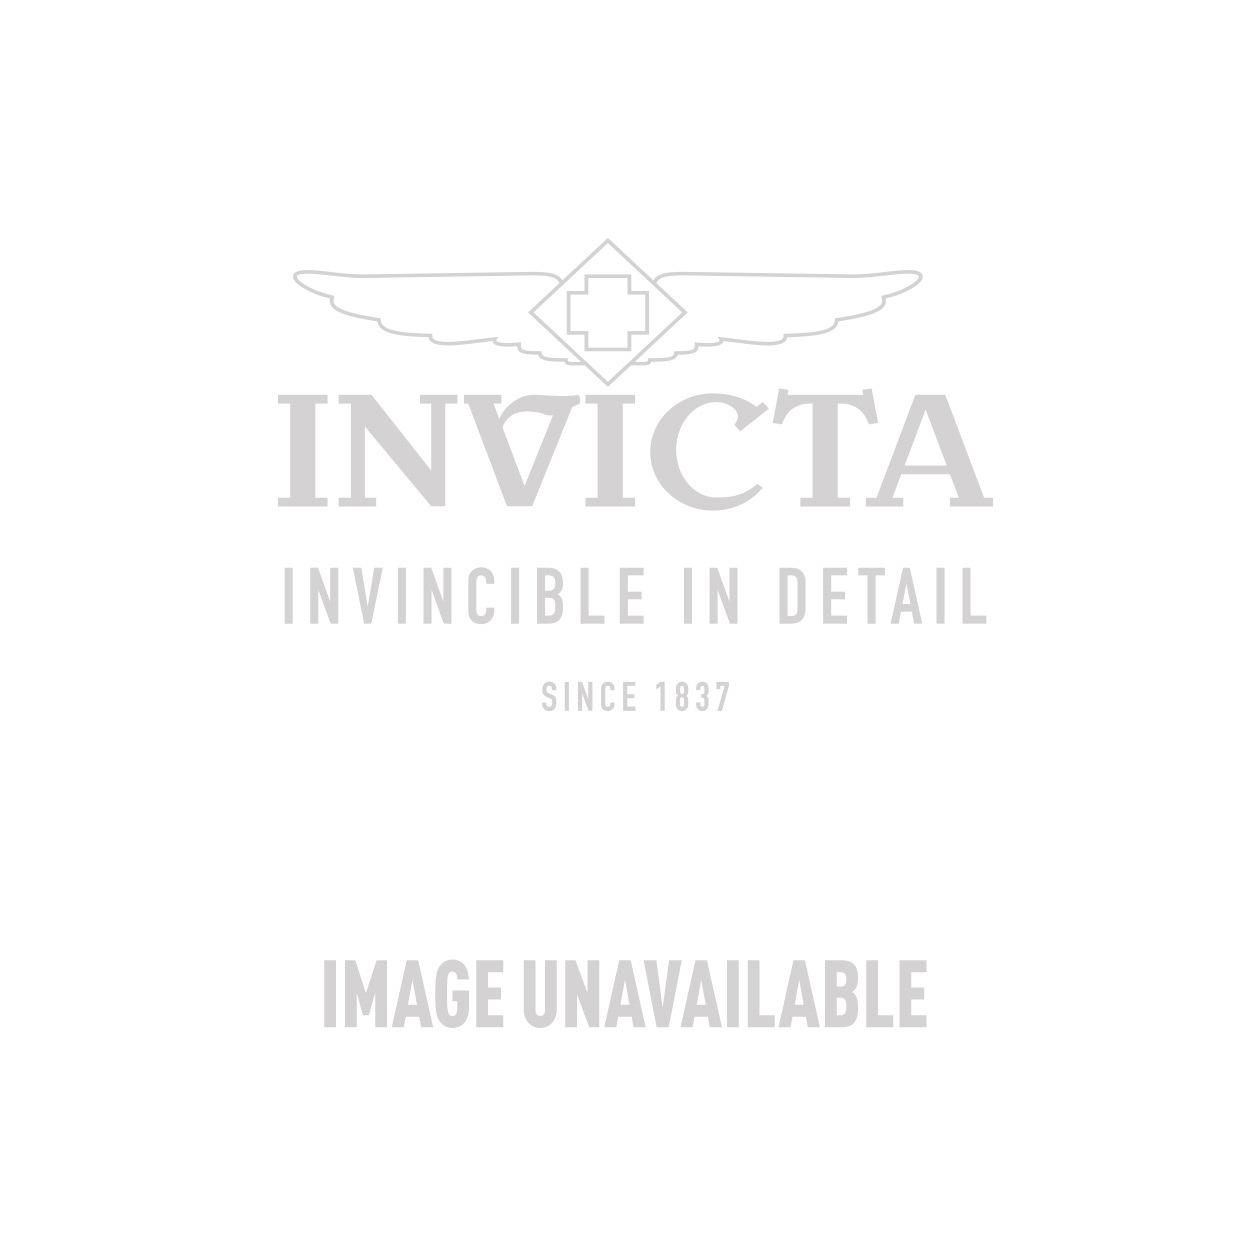 Invicta Model 24858